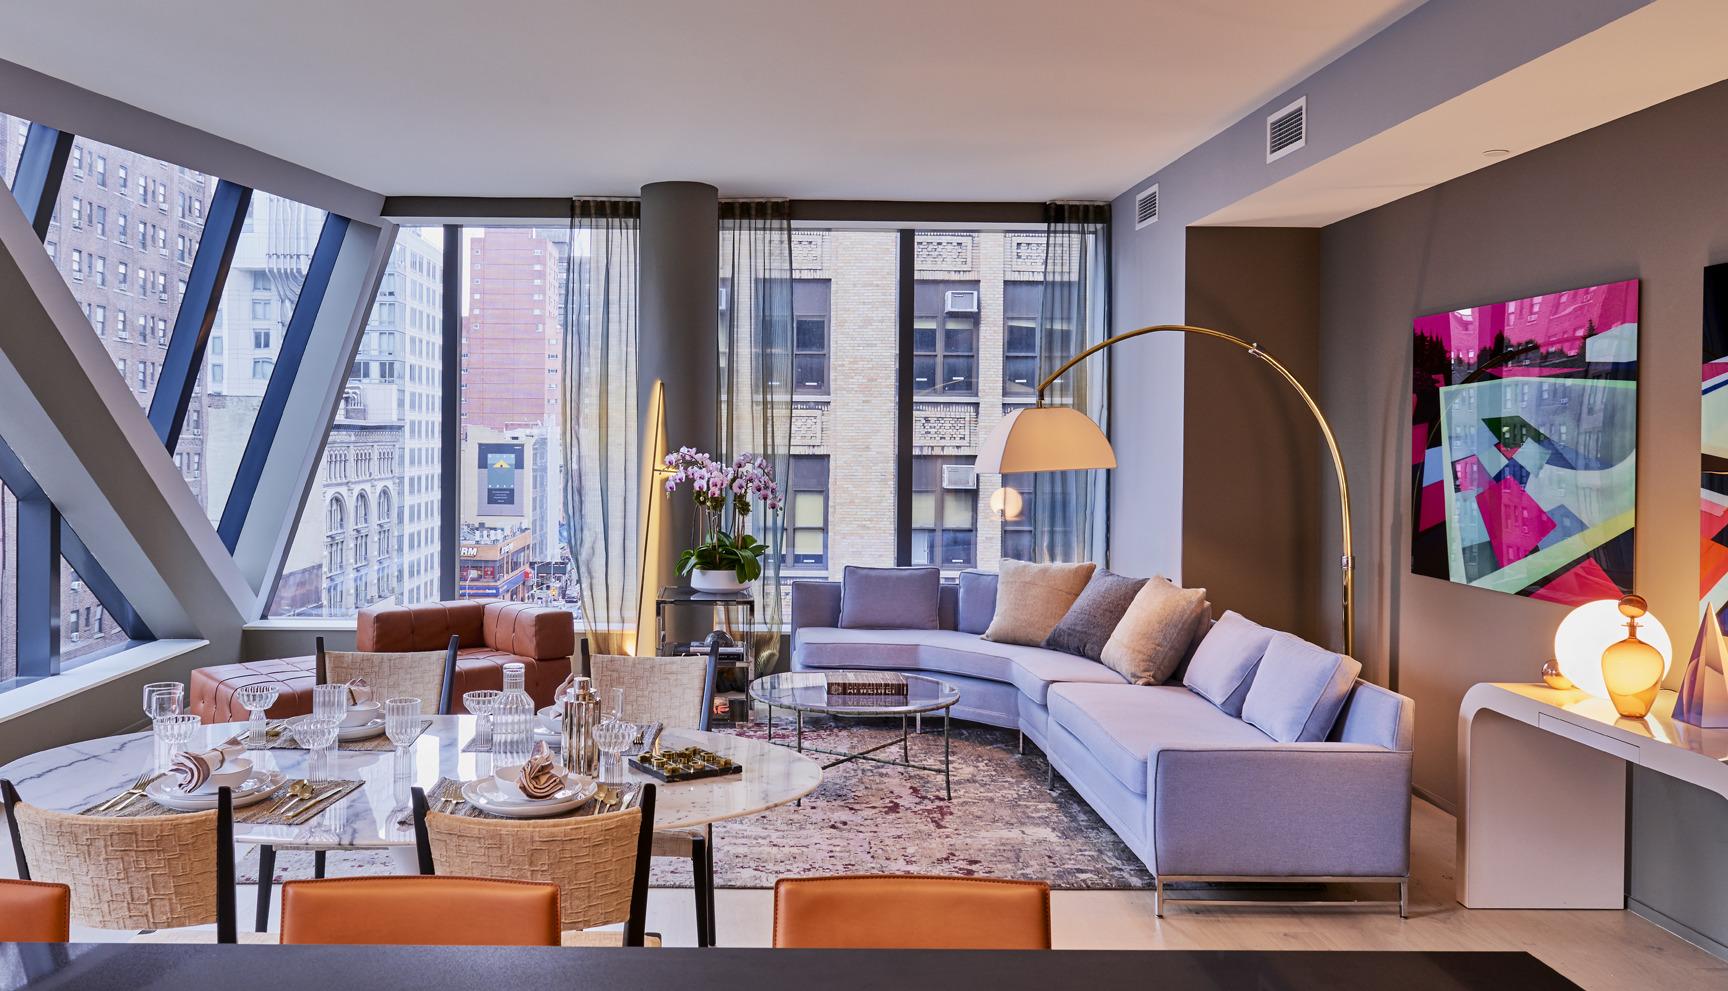 Cùng chiêm ngưỡng vẻ đẹp khó cưỡng của những căn phòng khách mang phong cách đương đại - Ảnh 22.